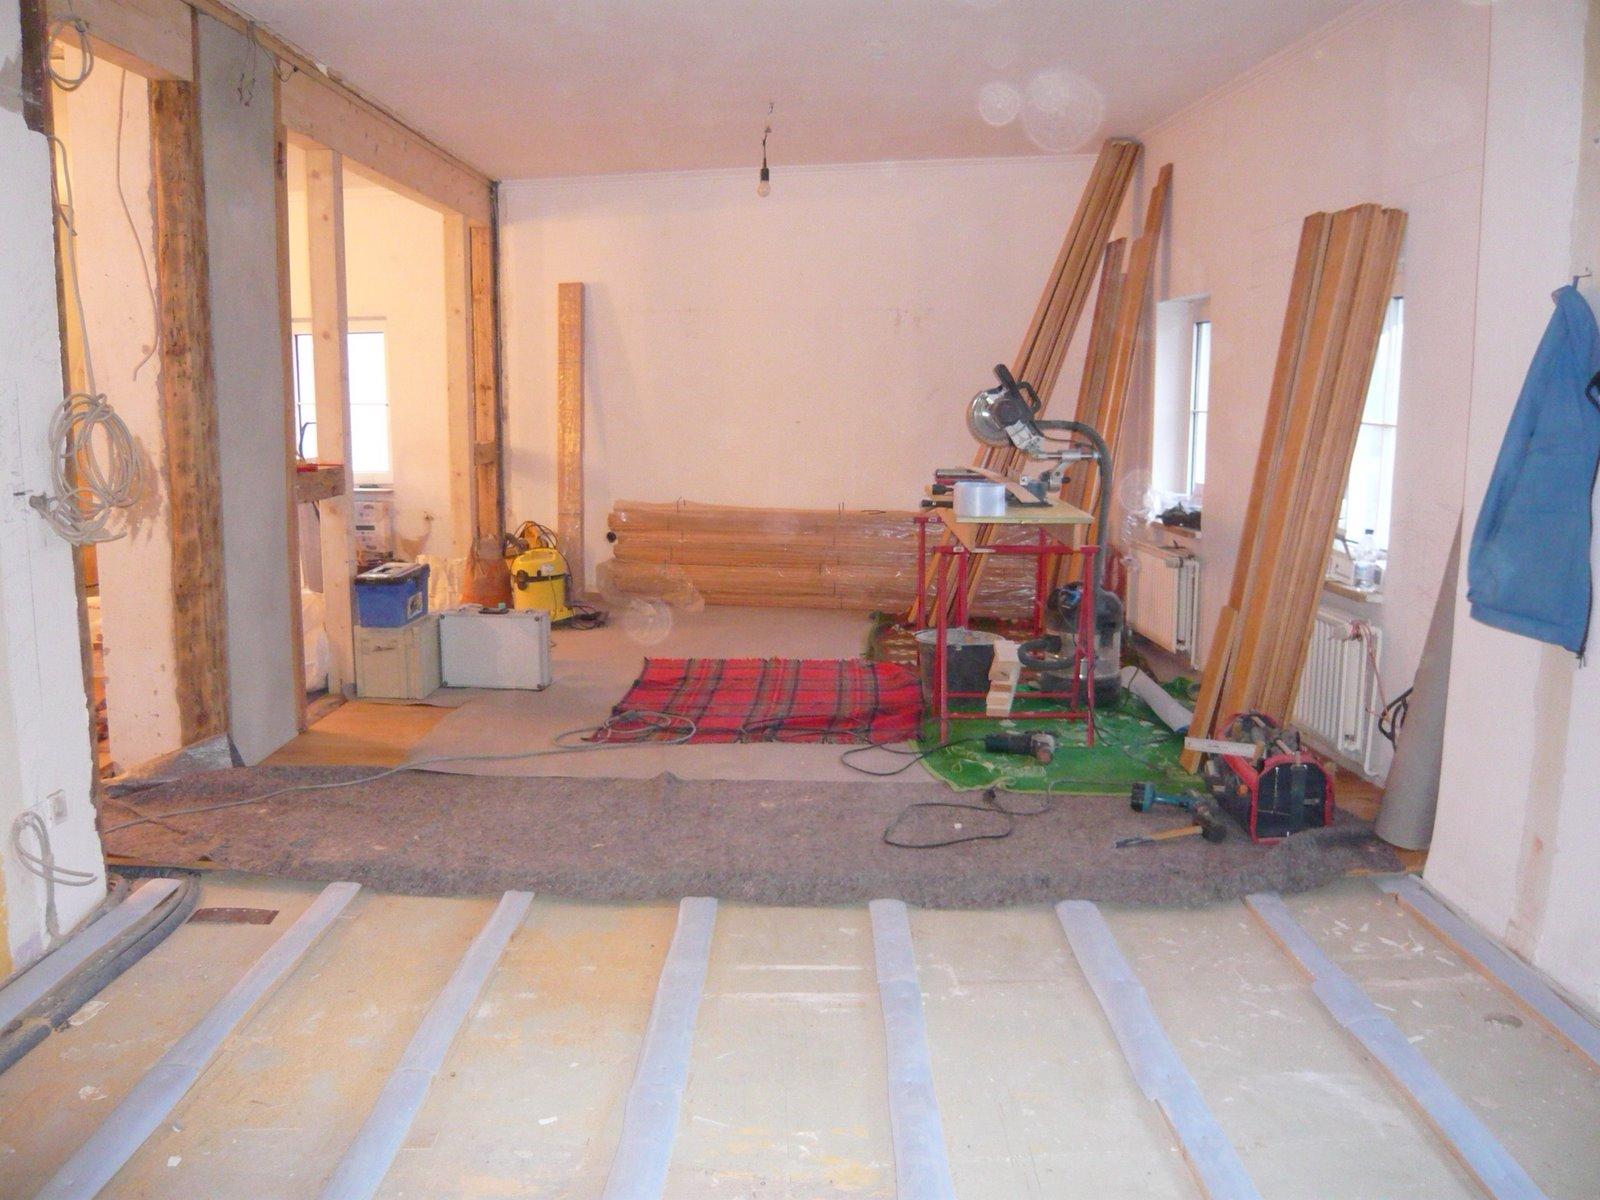 mopsis baublog aus einer baustelle wird eine wohnung. Black Bedroom Furniture Sets. Home Design Ideas